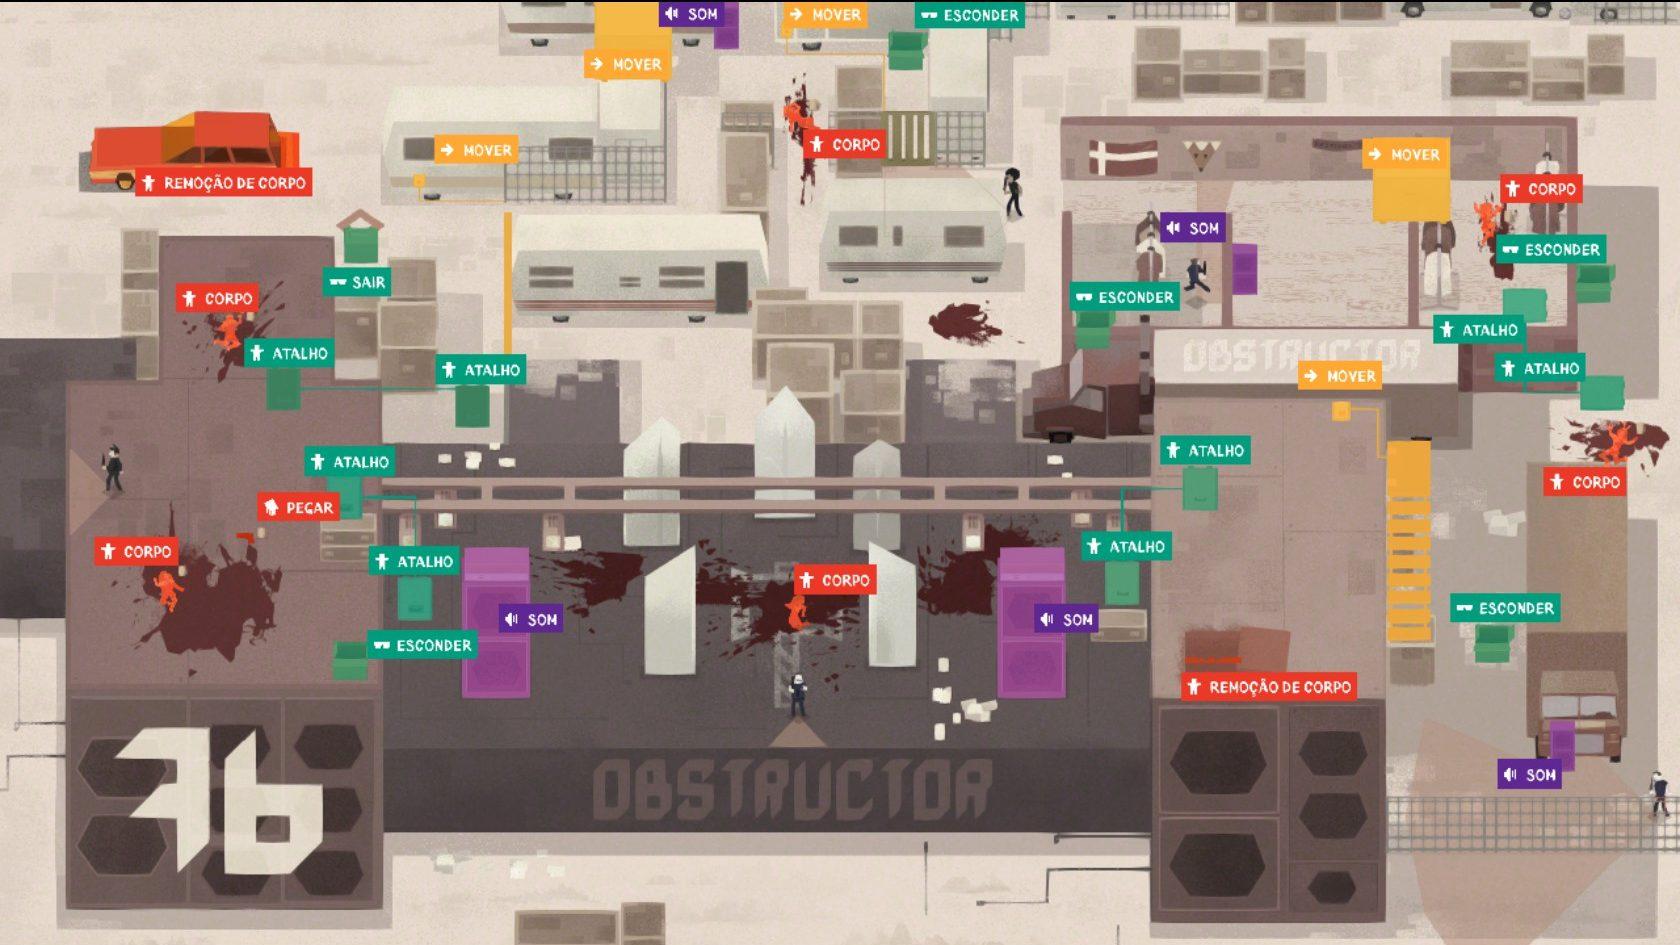 Uma fase avançada de Serial Cleaner, da iFun4all, em que é possível ver o clima dos anos 70 e as mecânicas do jogo